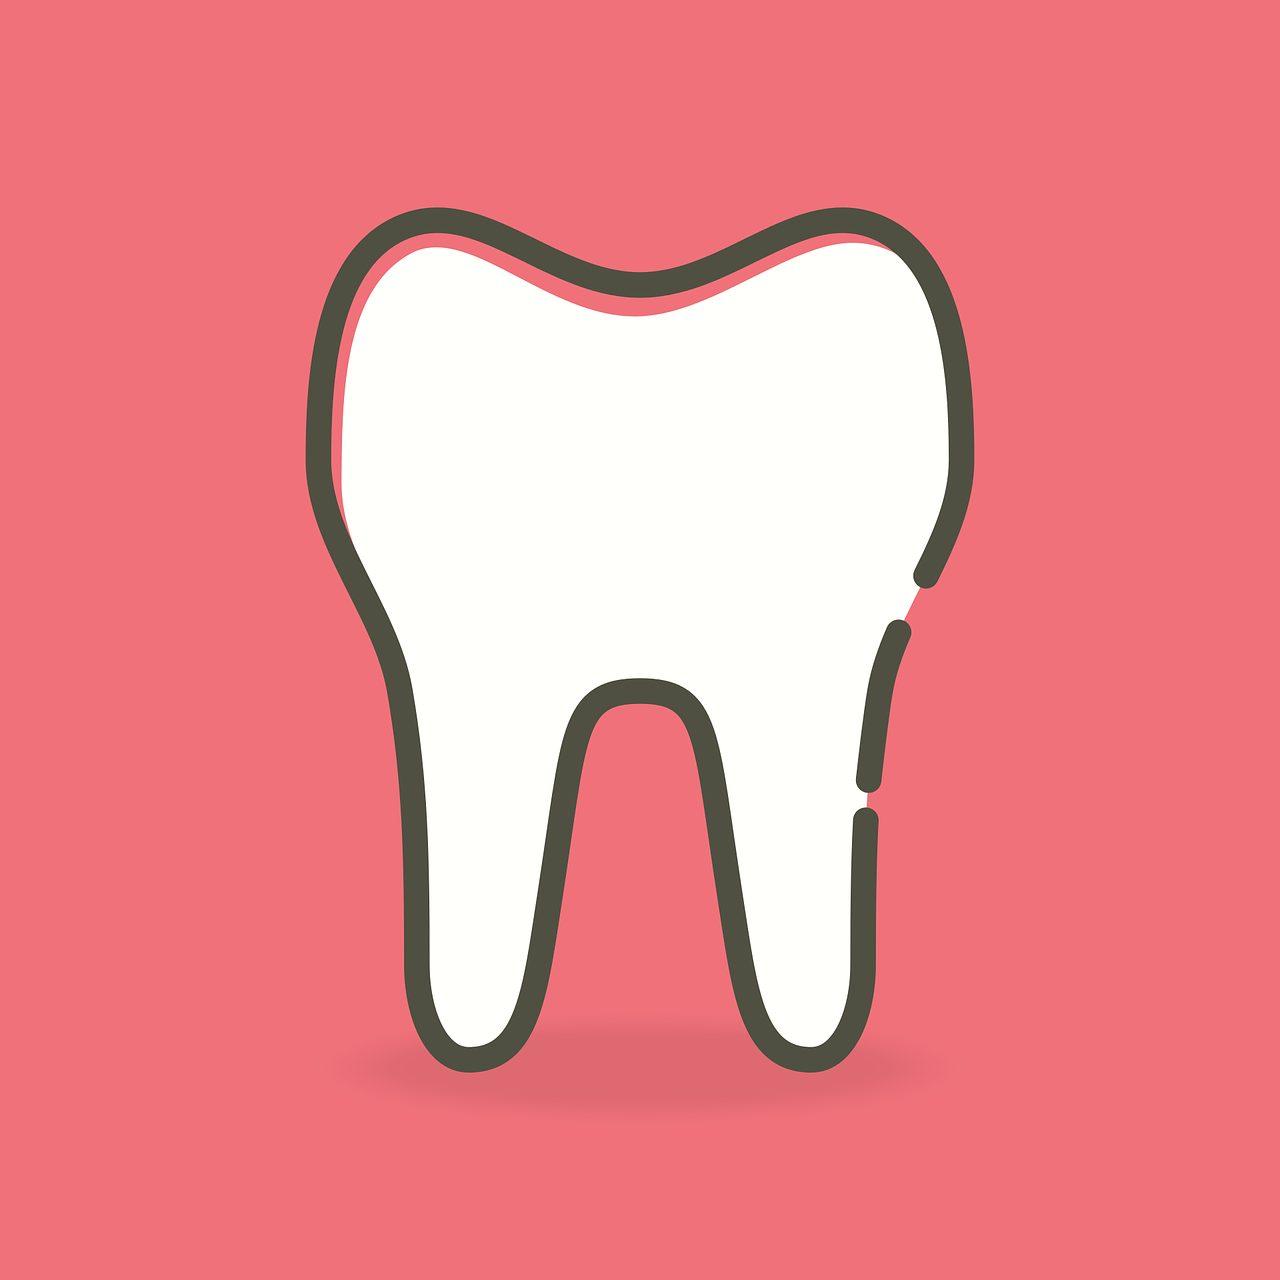 Everdingen M T F van tandartspraktijk